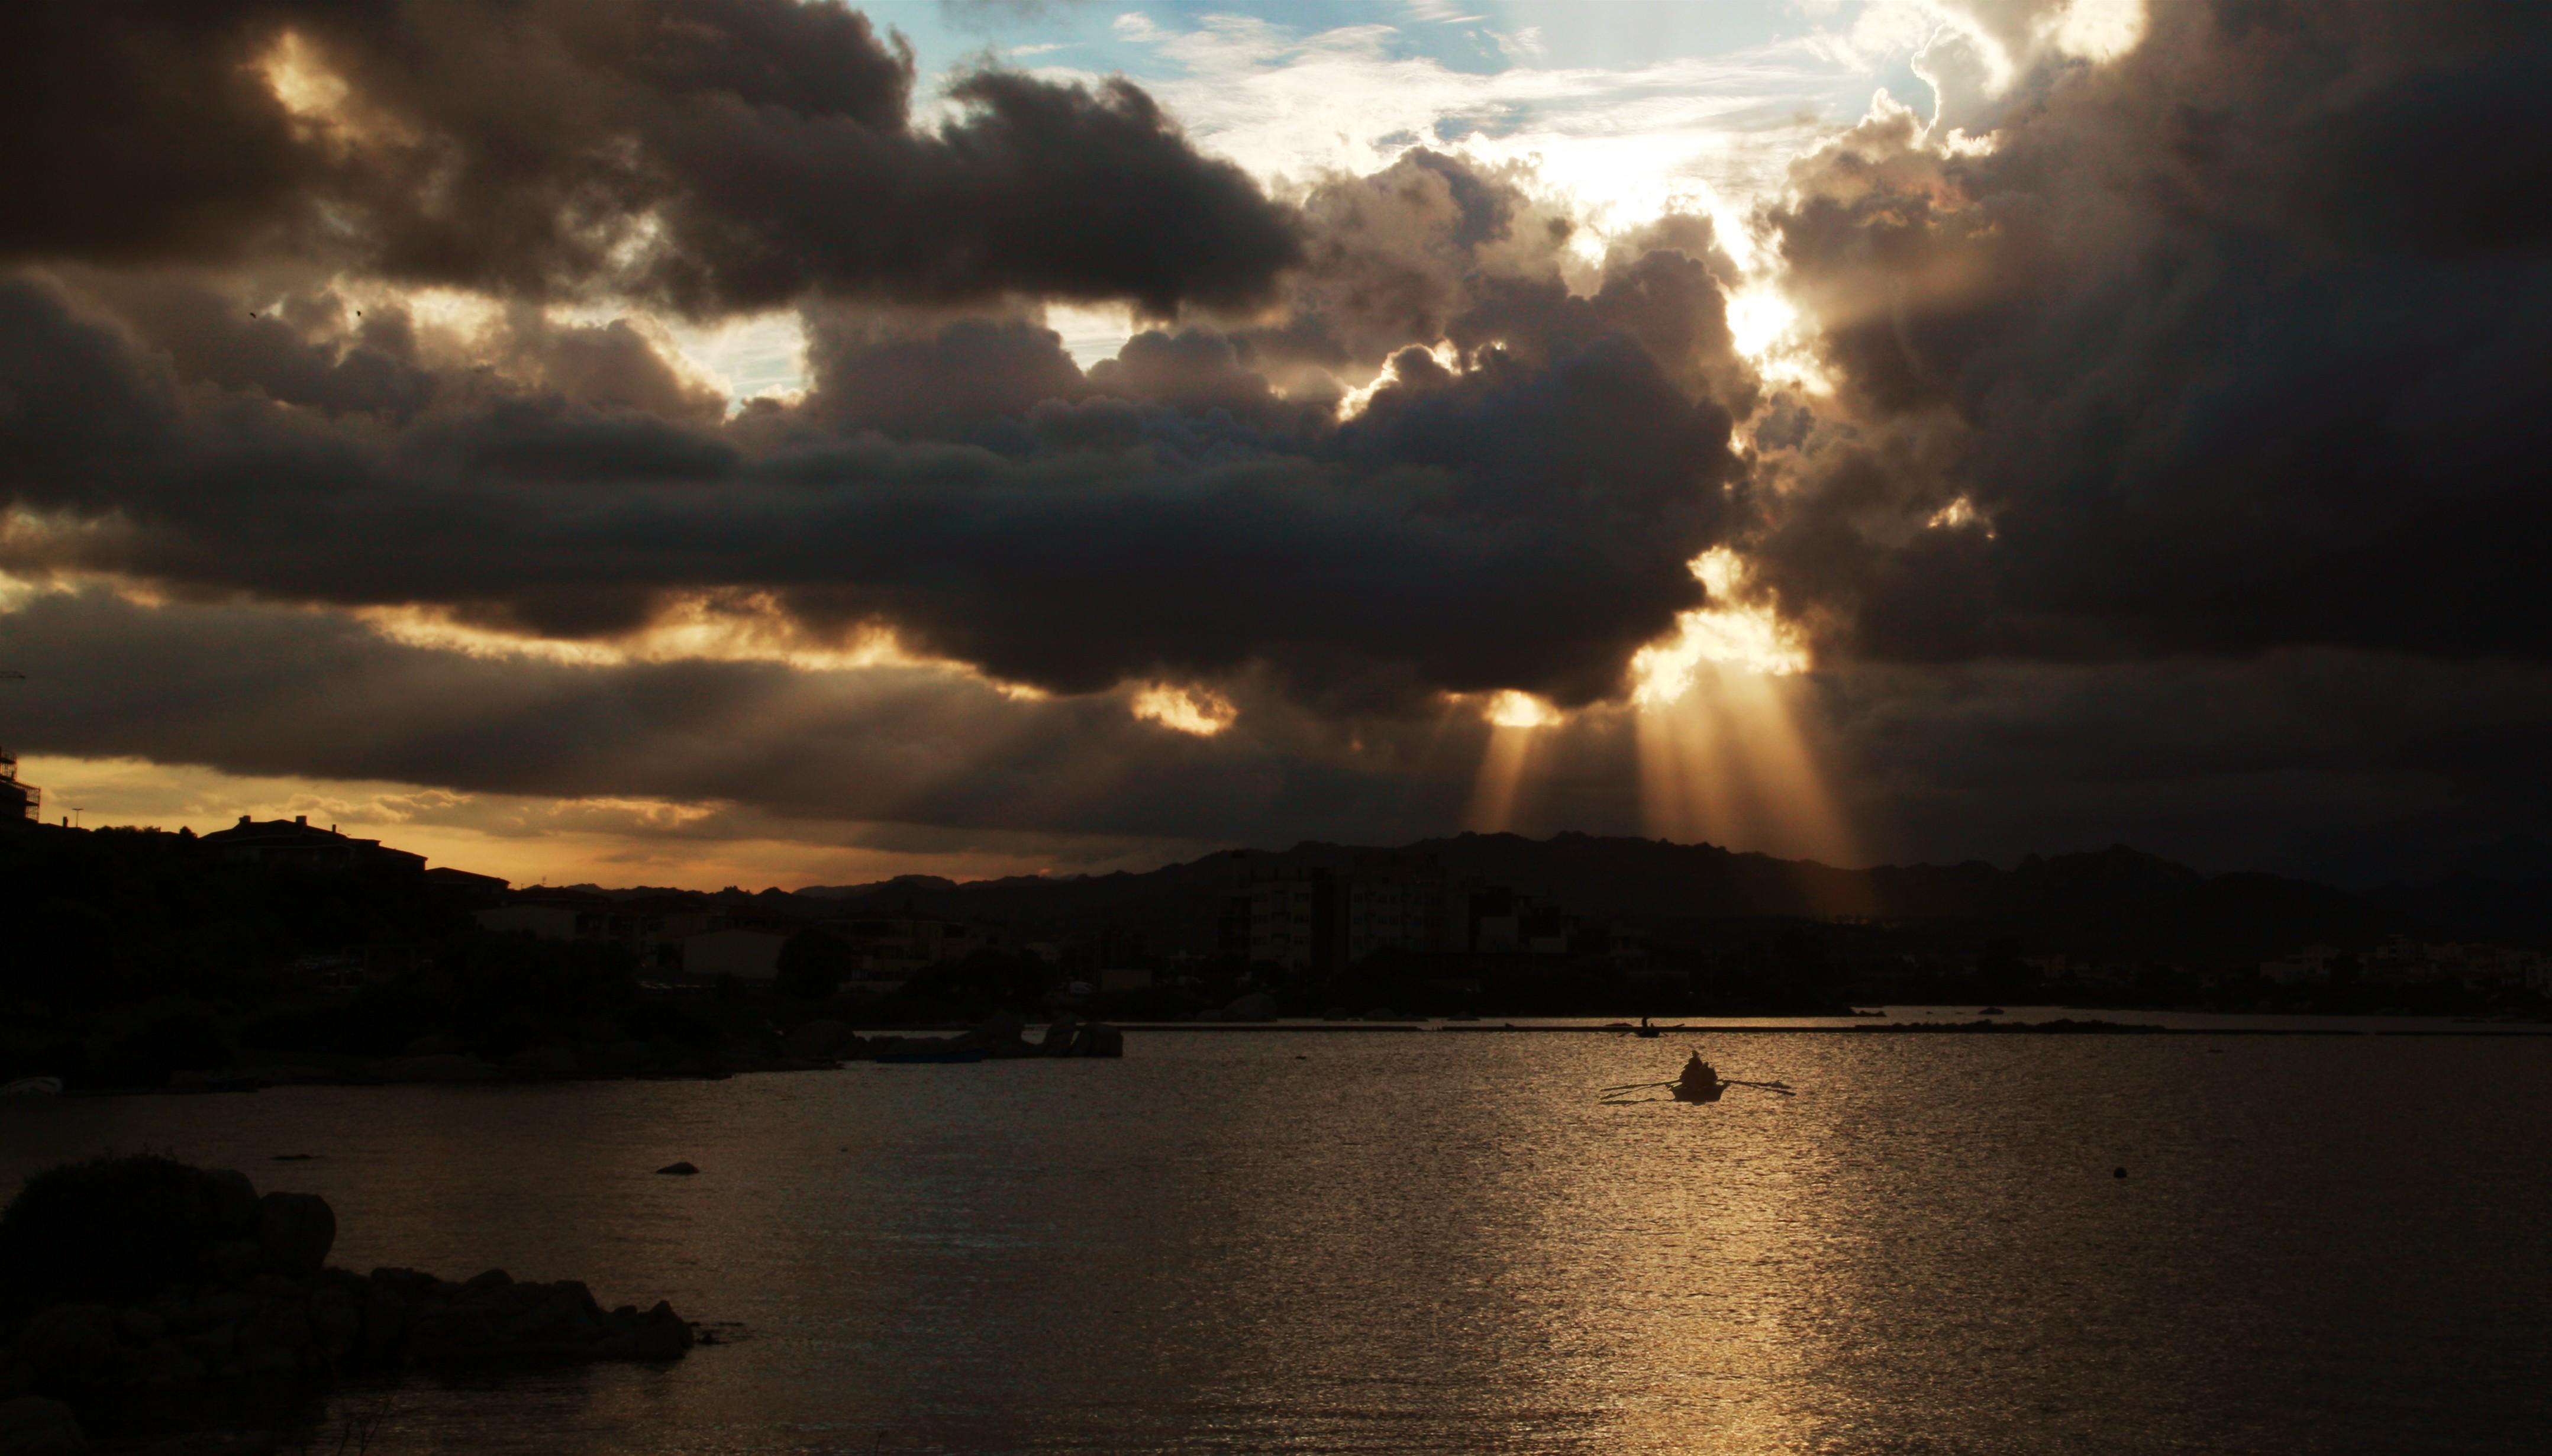 Remata al tramonto di Giovanna_Tamponi